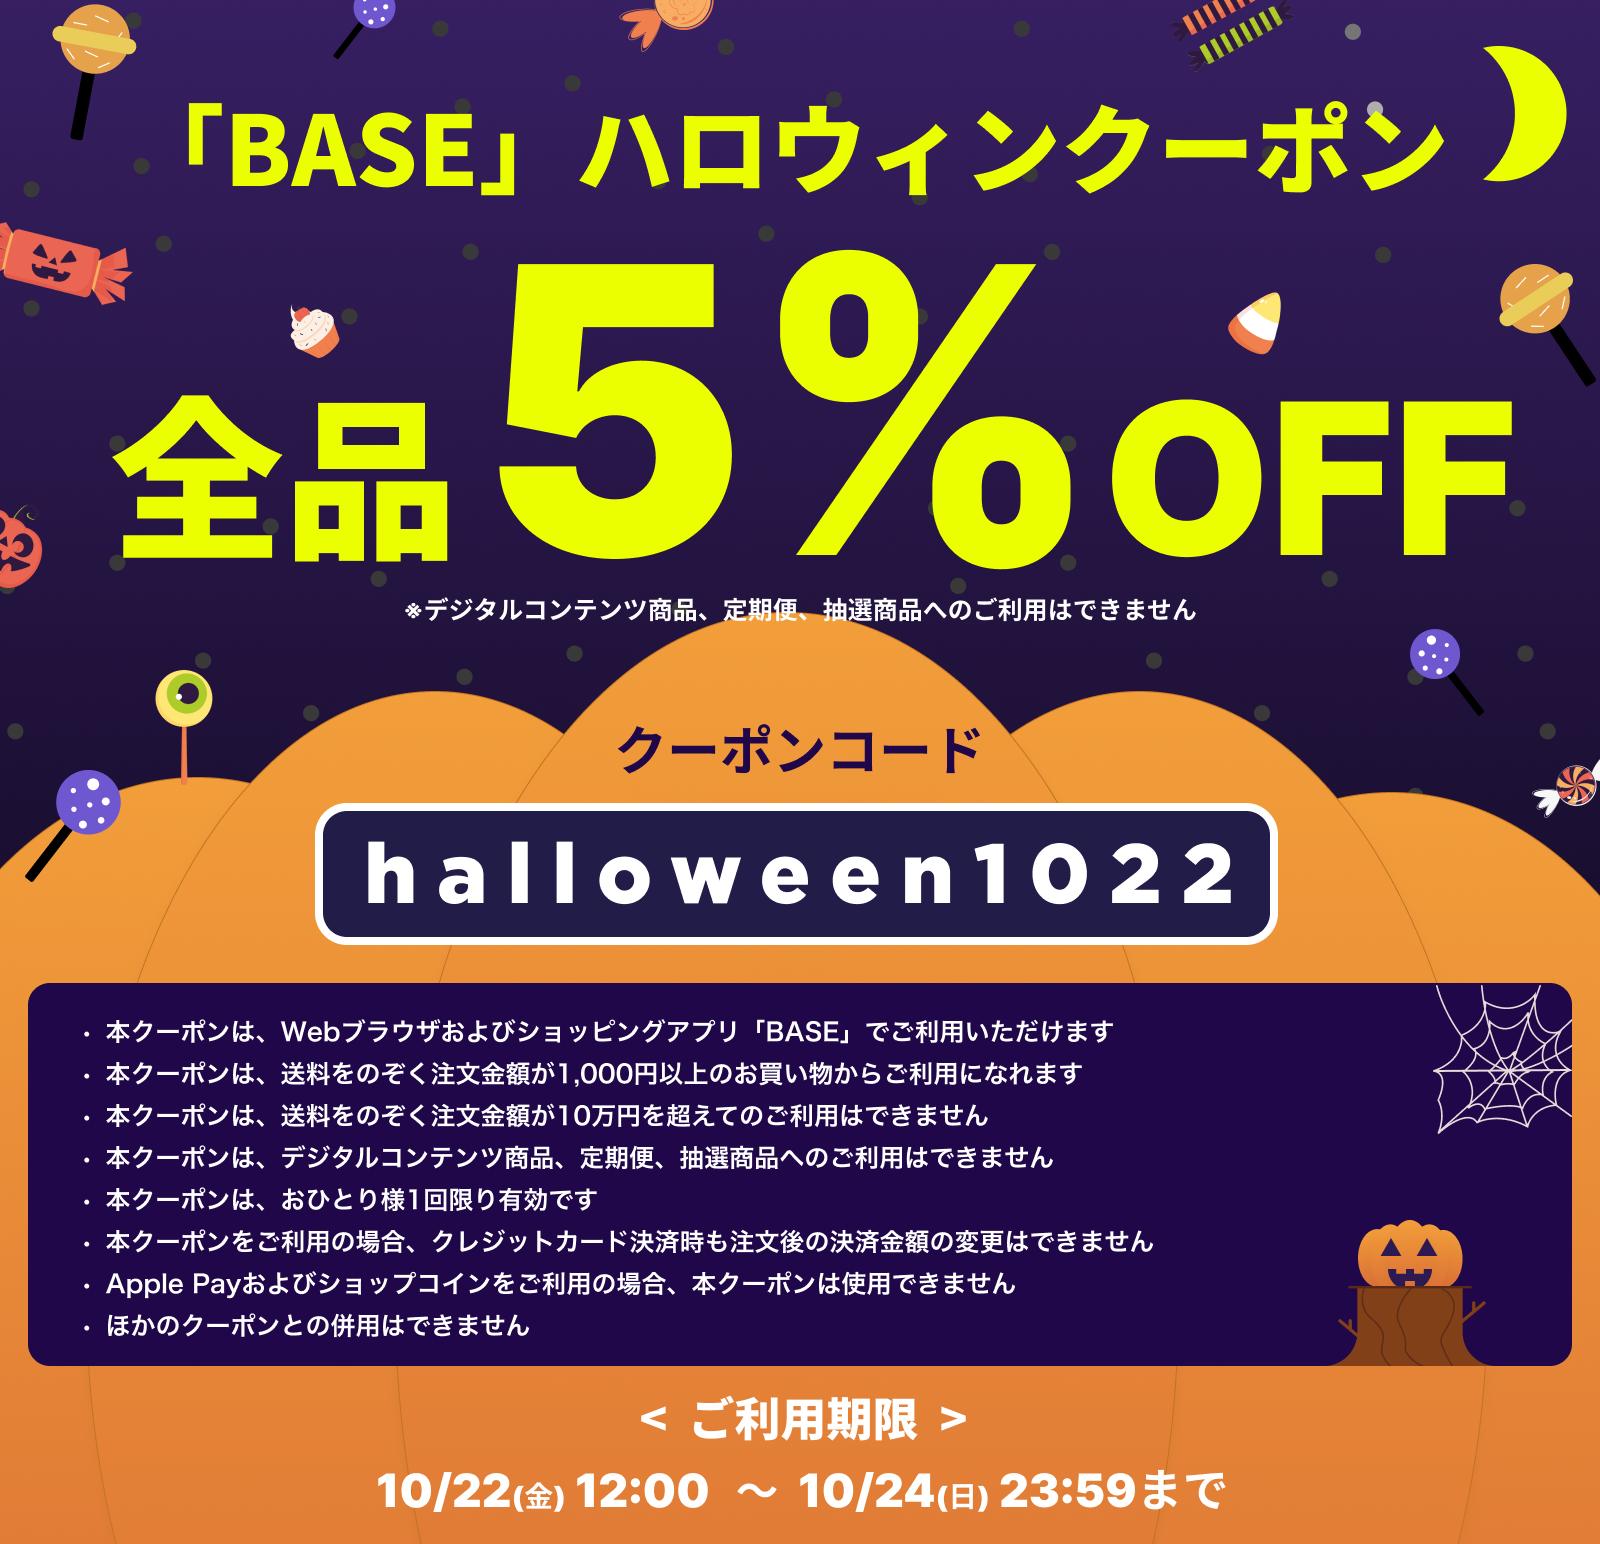 ハロウィン限定クーポン5%OFF(10月22日12時〜)